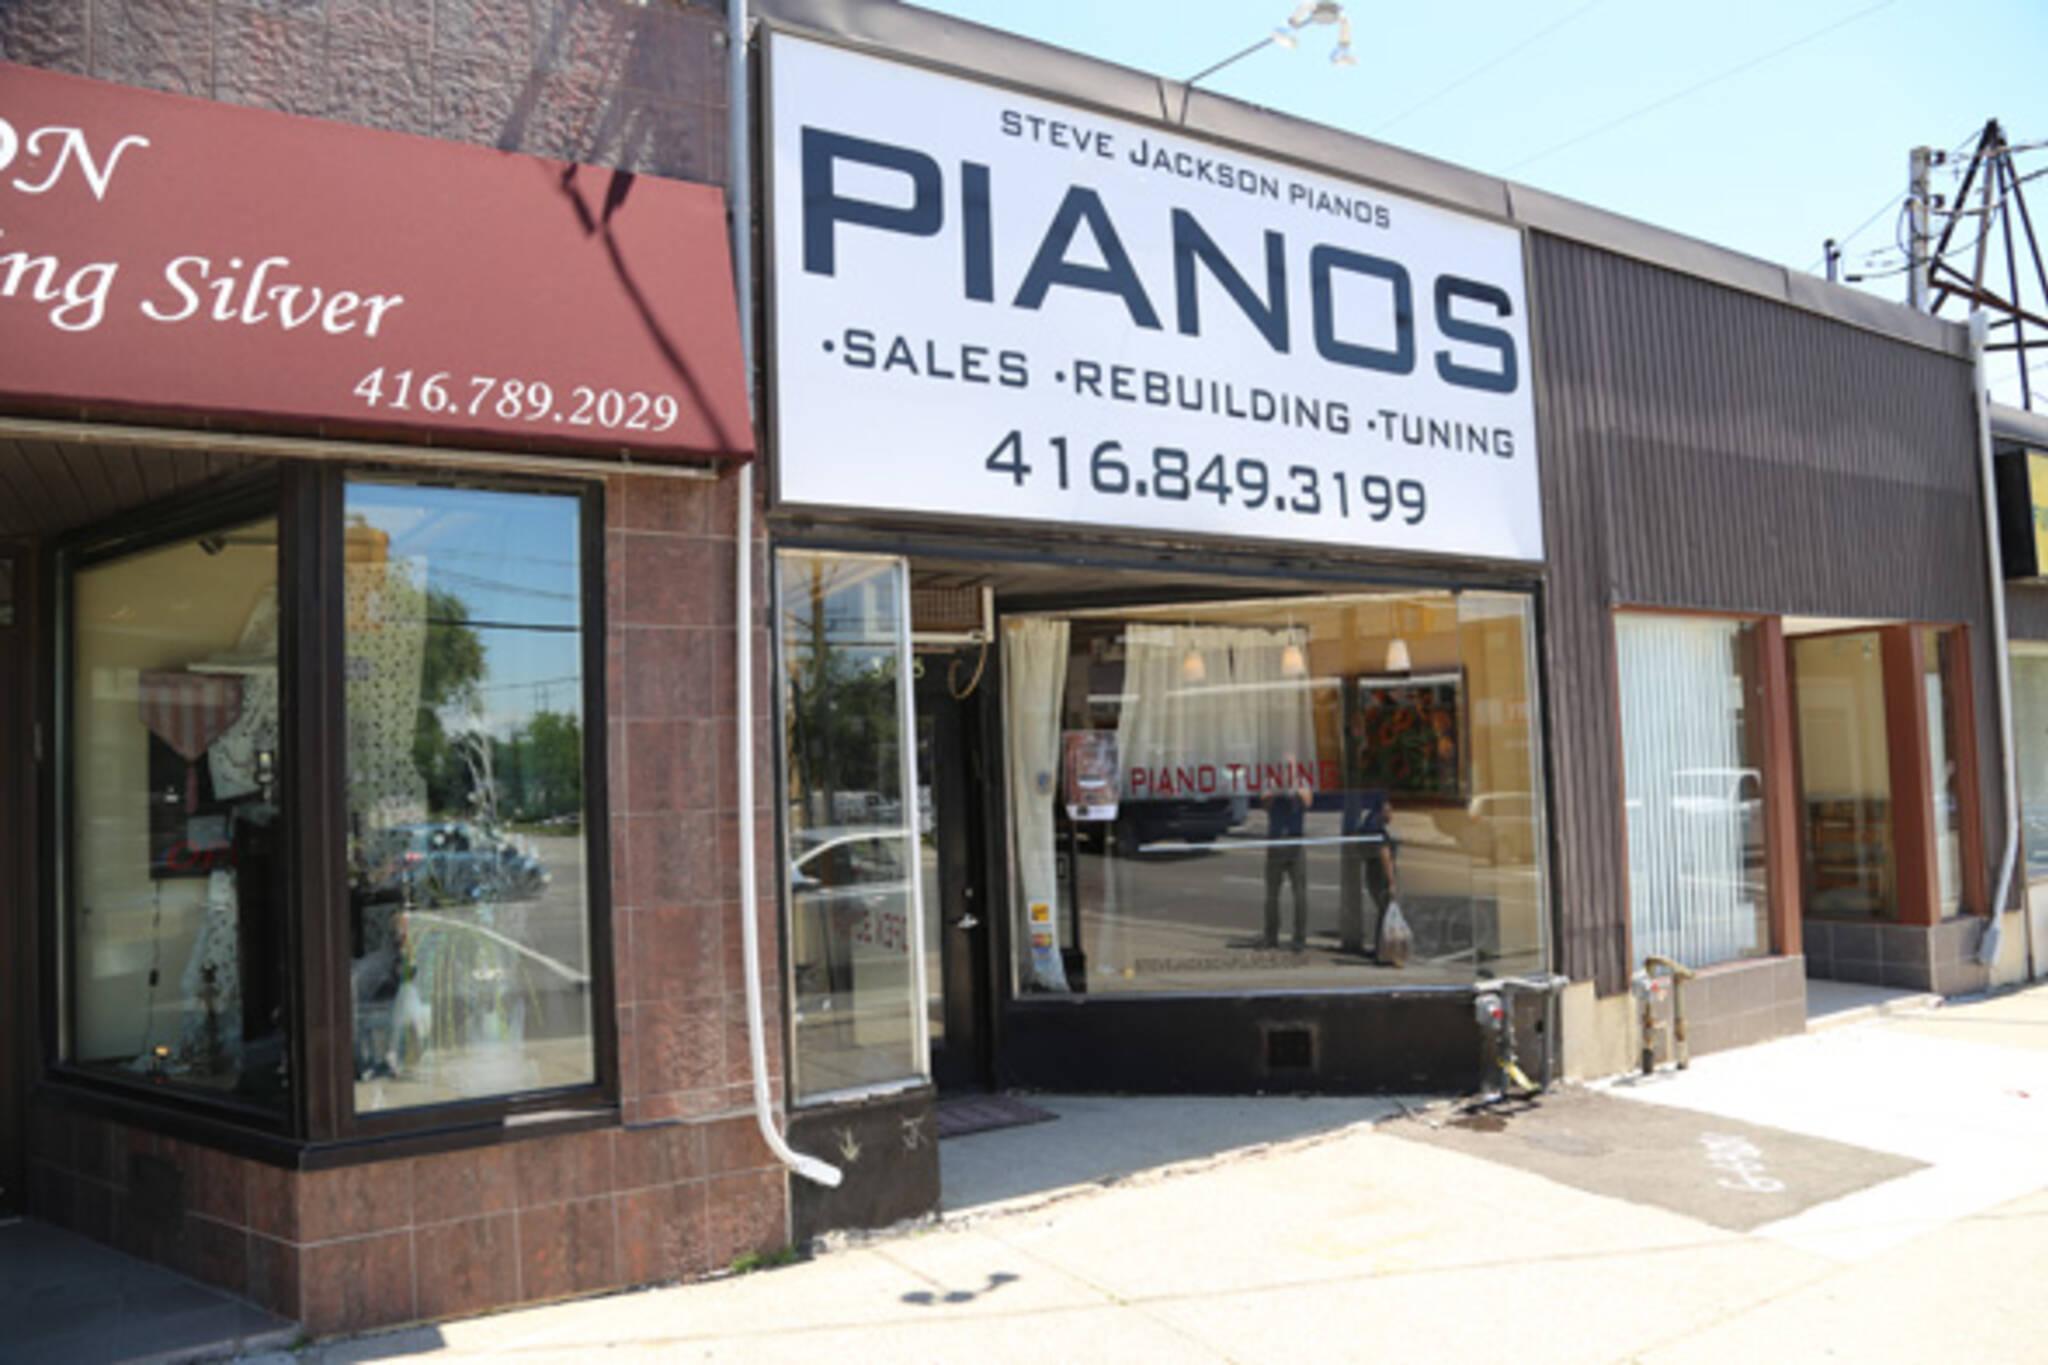 Steve Jackson Pianos Toronto